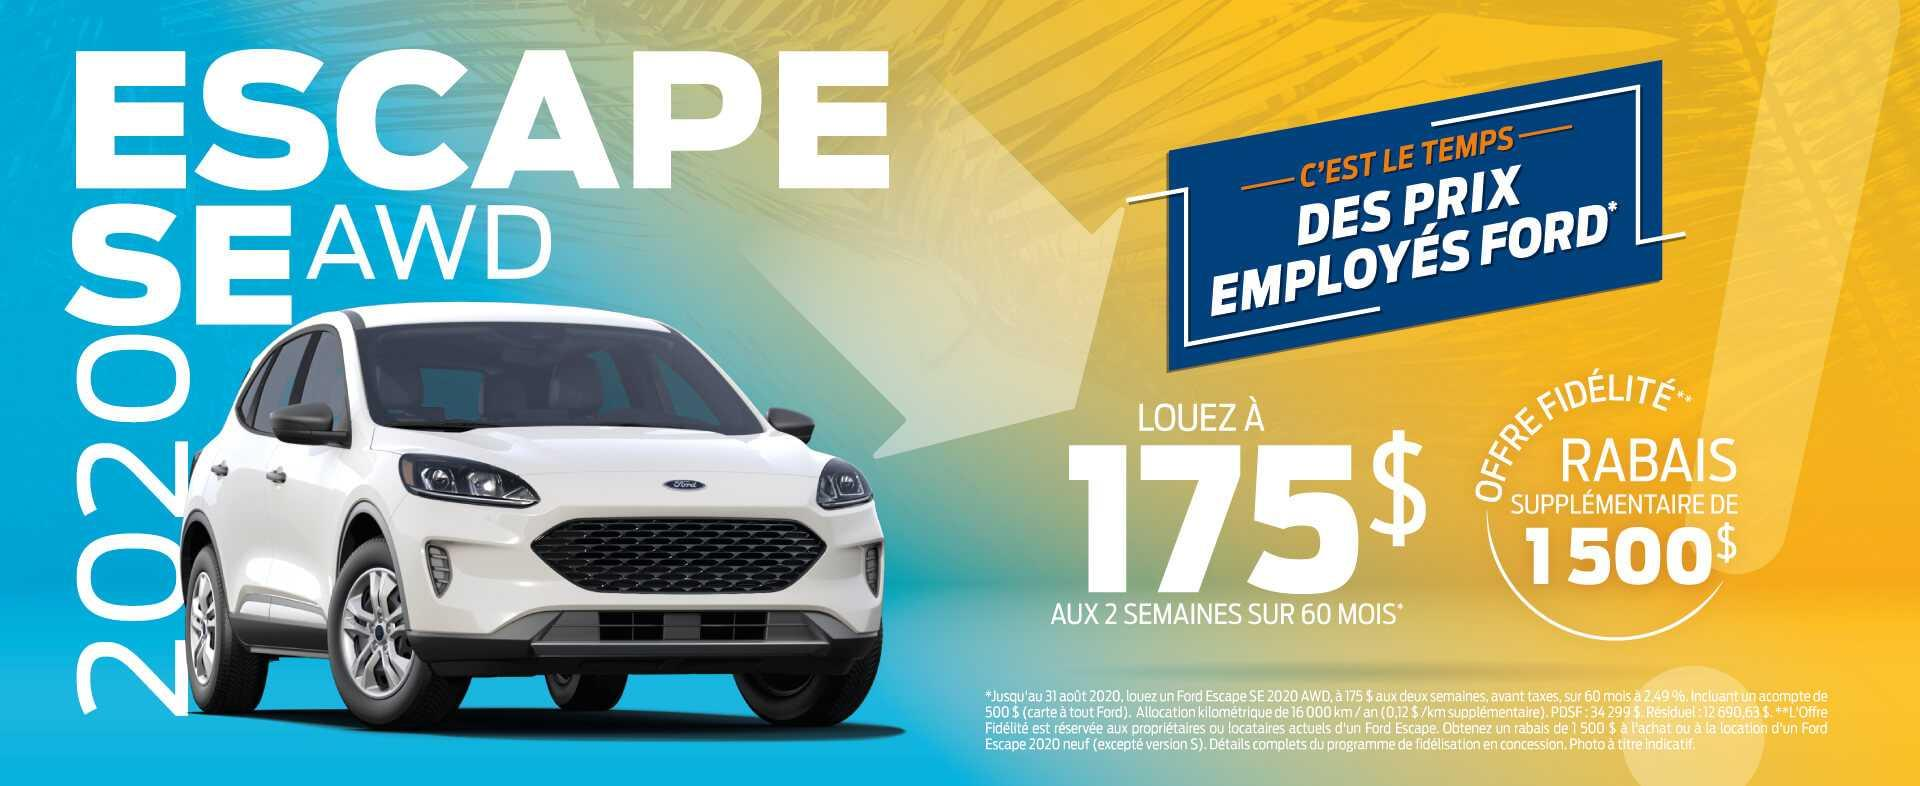 Escape 2020